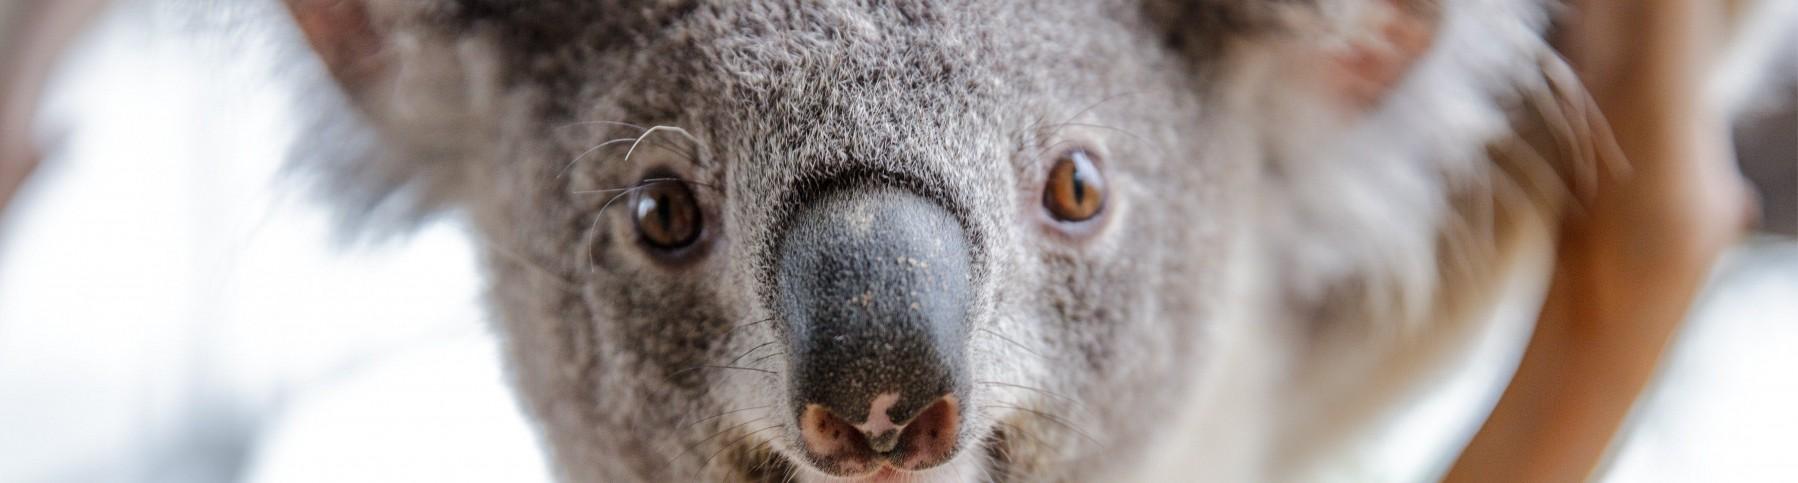 wild-life-sydney-zoo